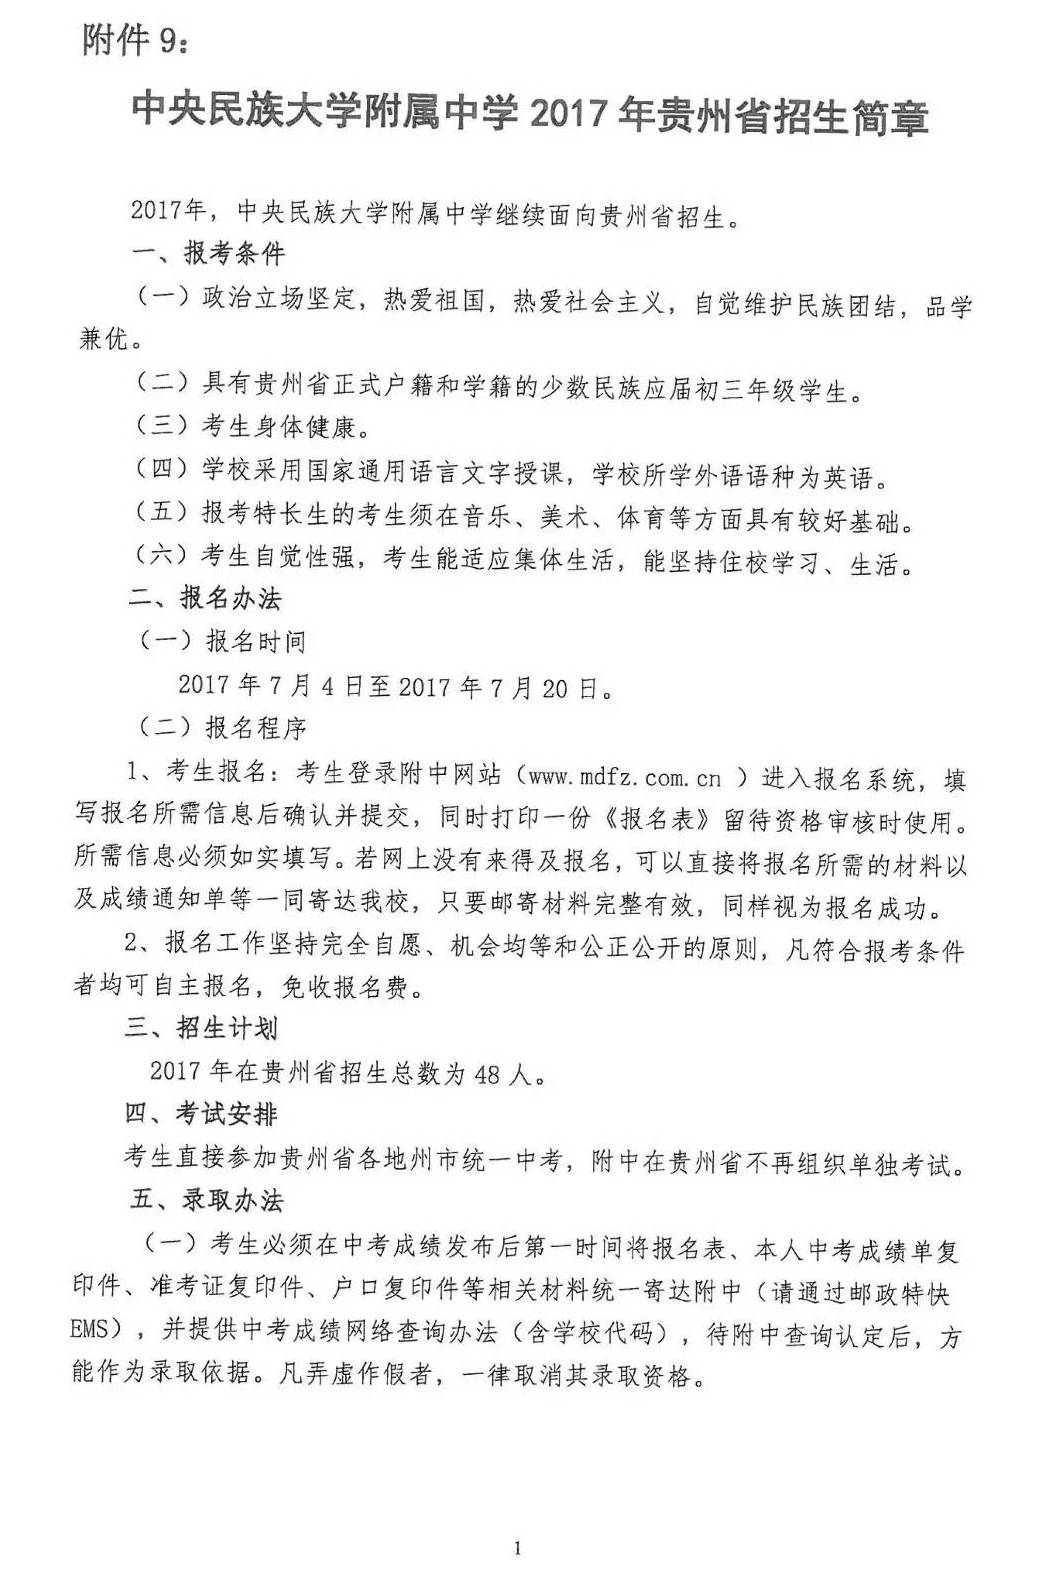 中央民族大学v高中高中招收新绛面向48名少数中学贵州图片